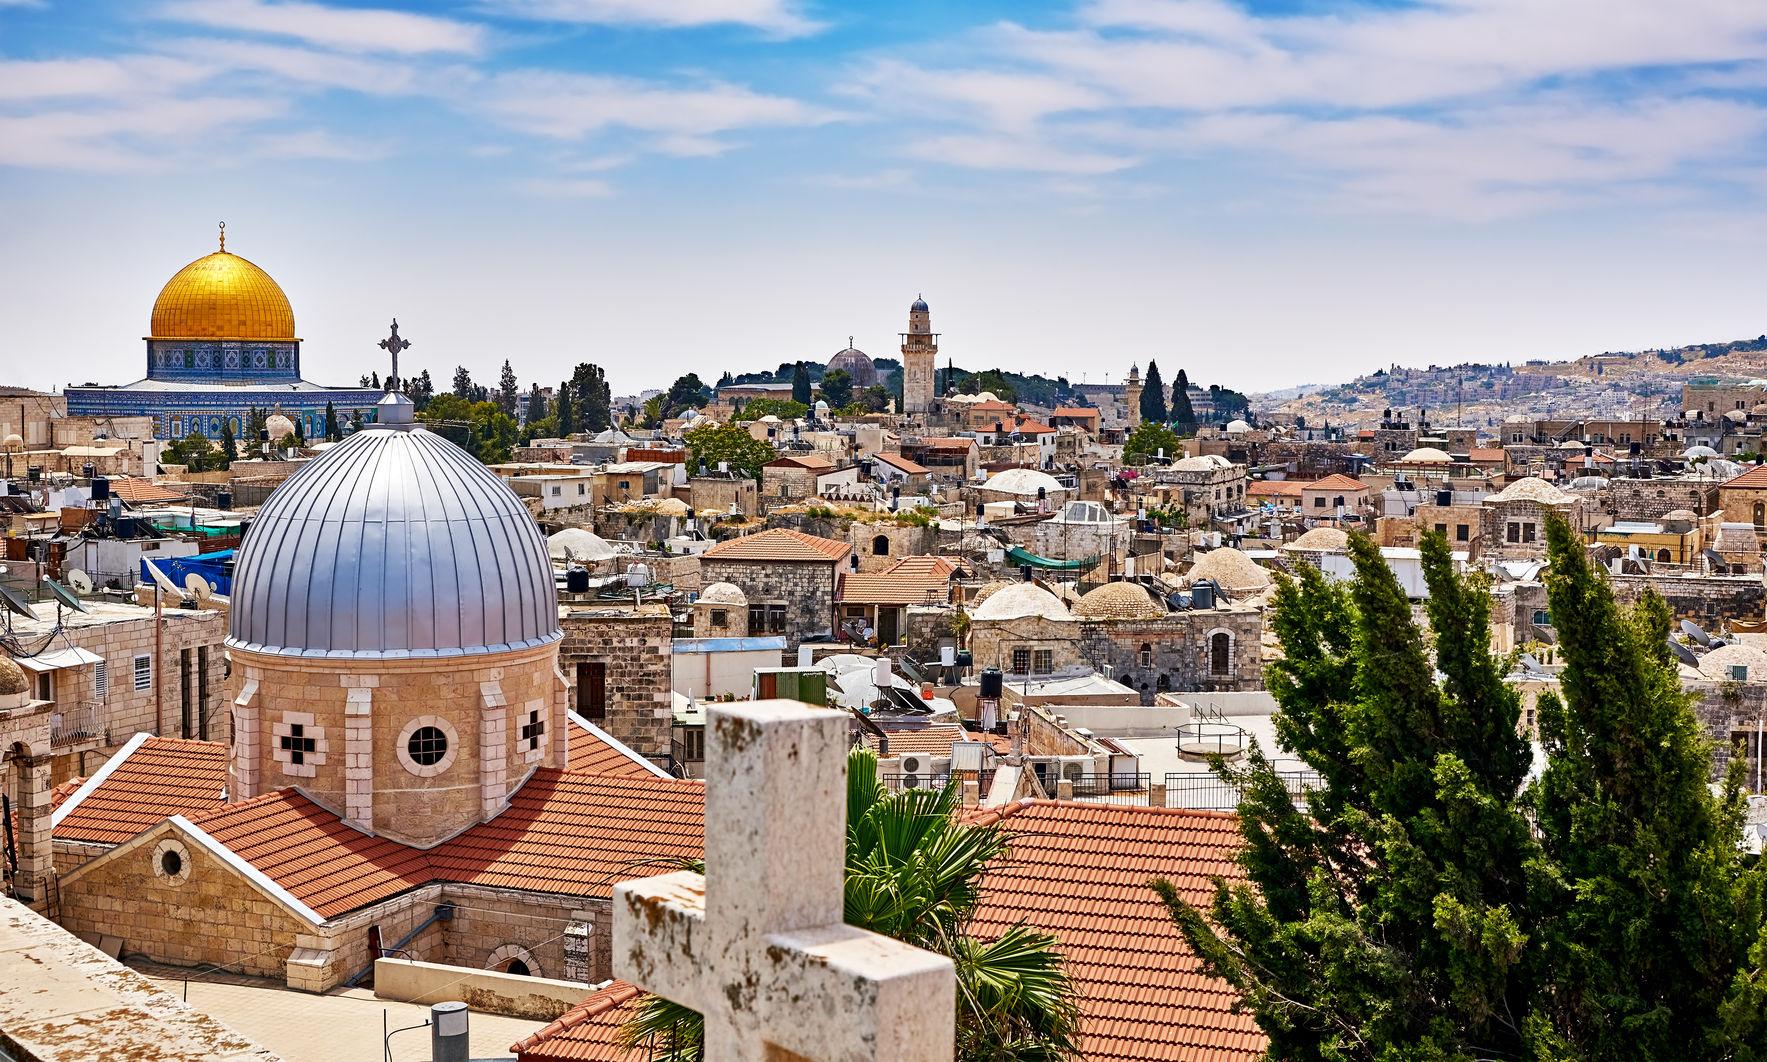 ¿Cuál es la importancia de Jerusalén y por qué se podría originar un nuevo conflicto?